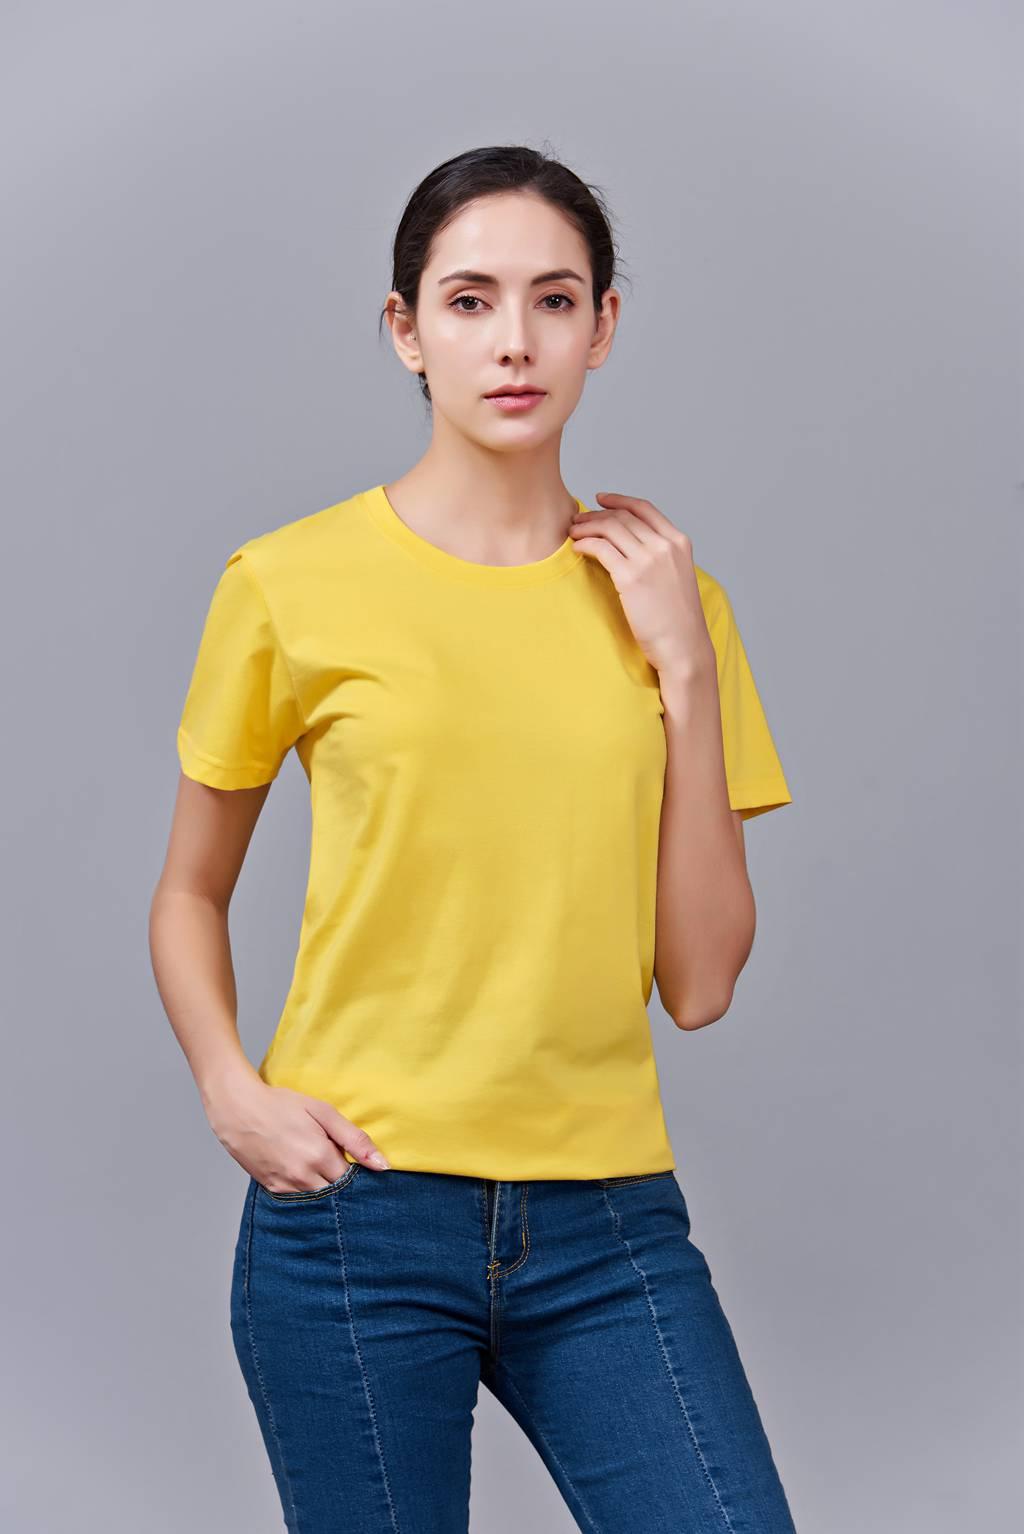 洋气百搭亲子装 半袖显瘦 速干圆领文化衫 春夏新品 黄色